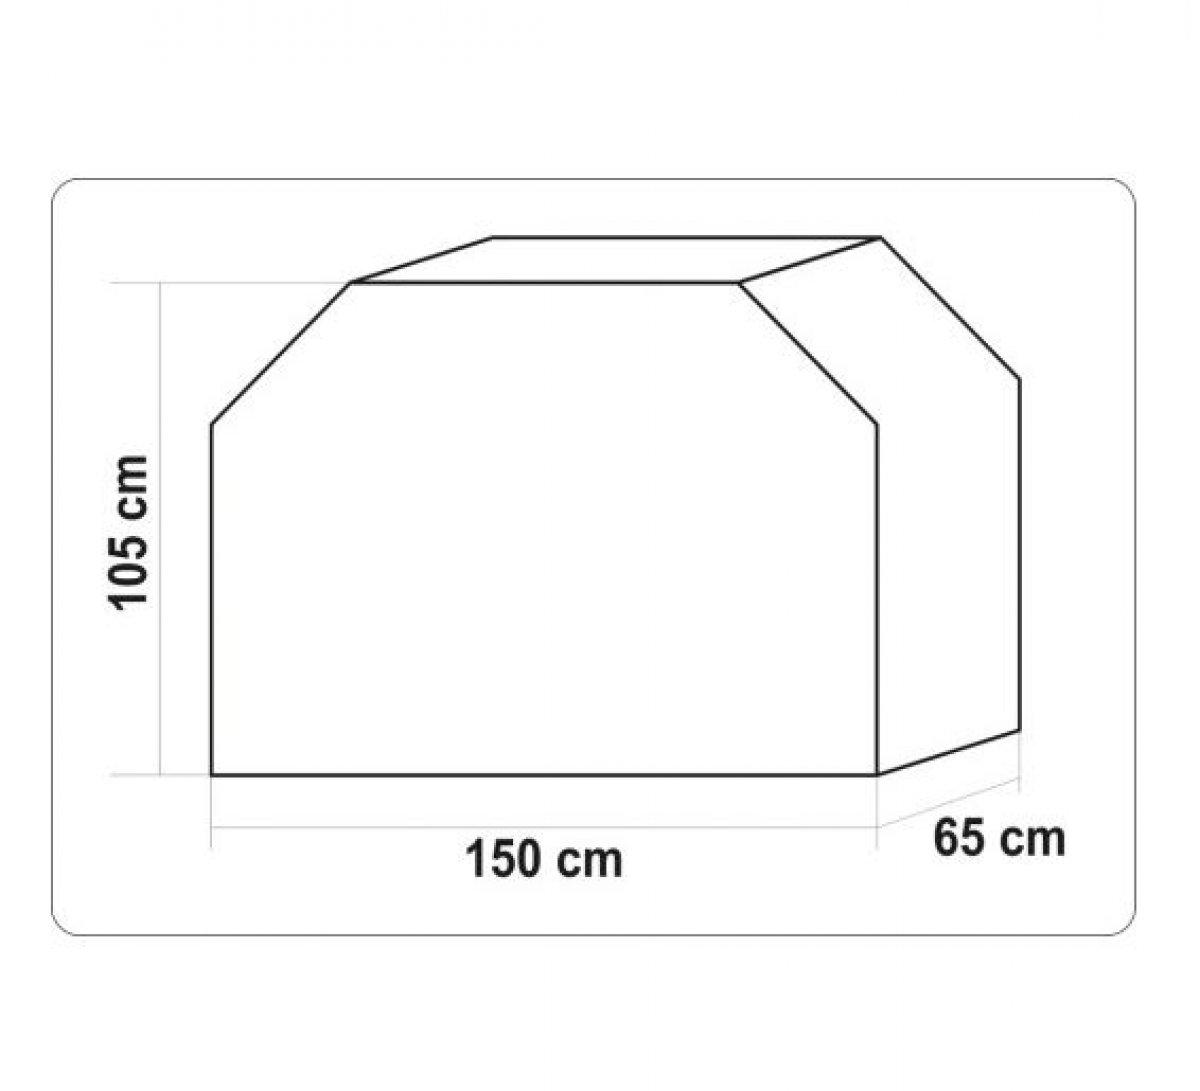 POKROWIEC NA GRILLA WODOODPORNY 150 X 65 X 105CM